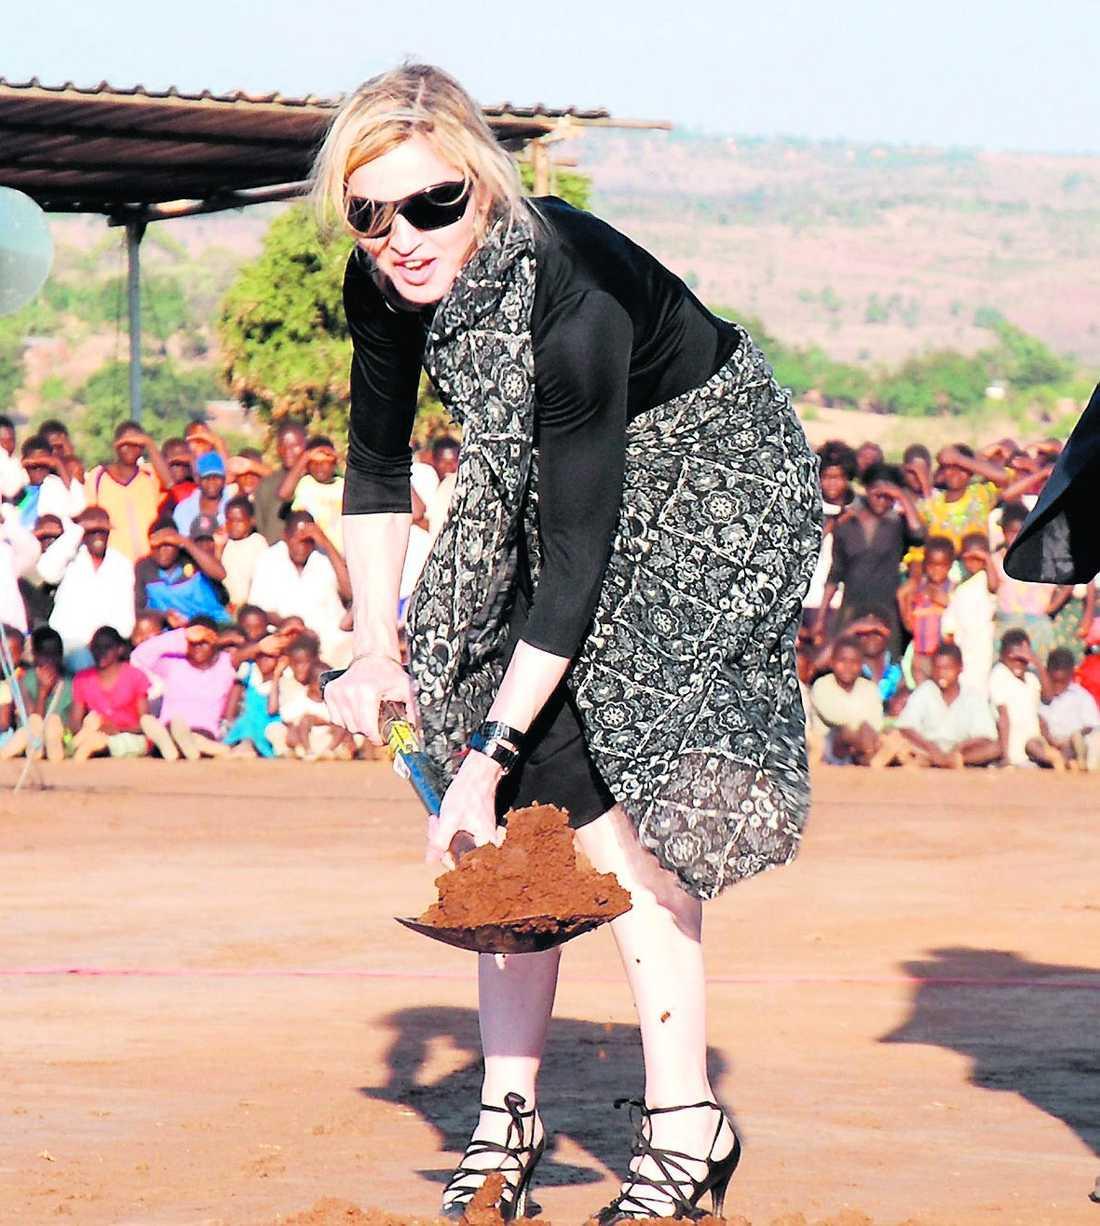 ska bygga skola Madonna i Malawi där skolan ska byggas, på mark som fram till nu har ägts av 200 bönder.